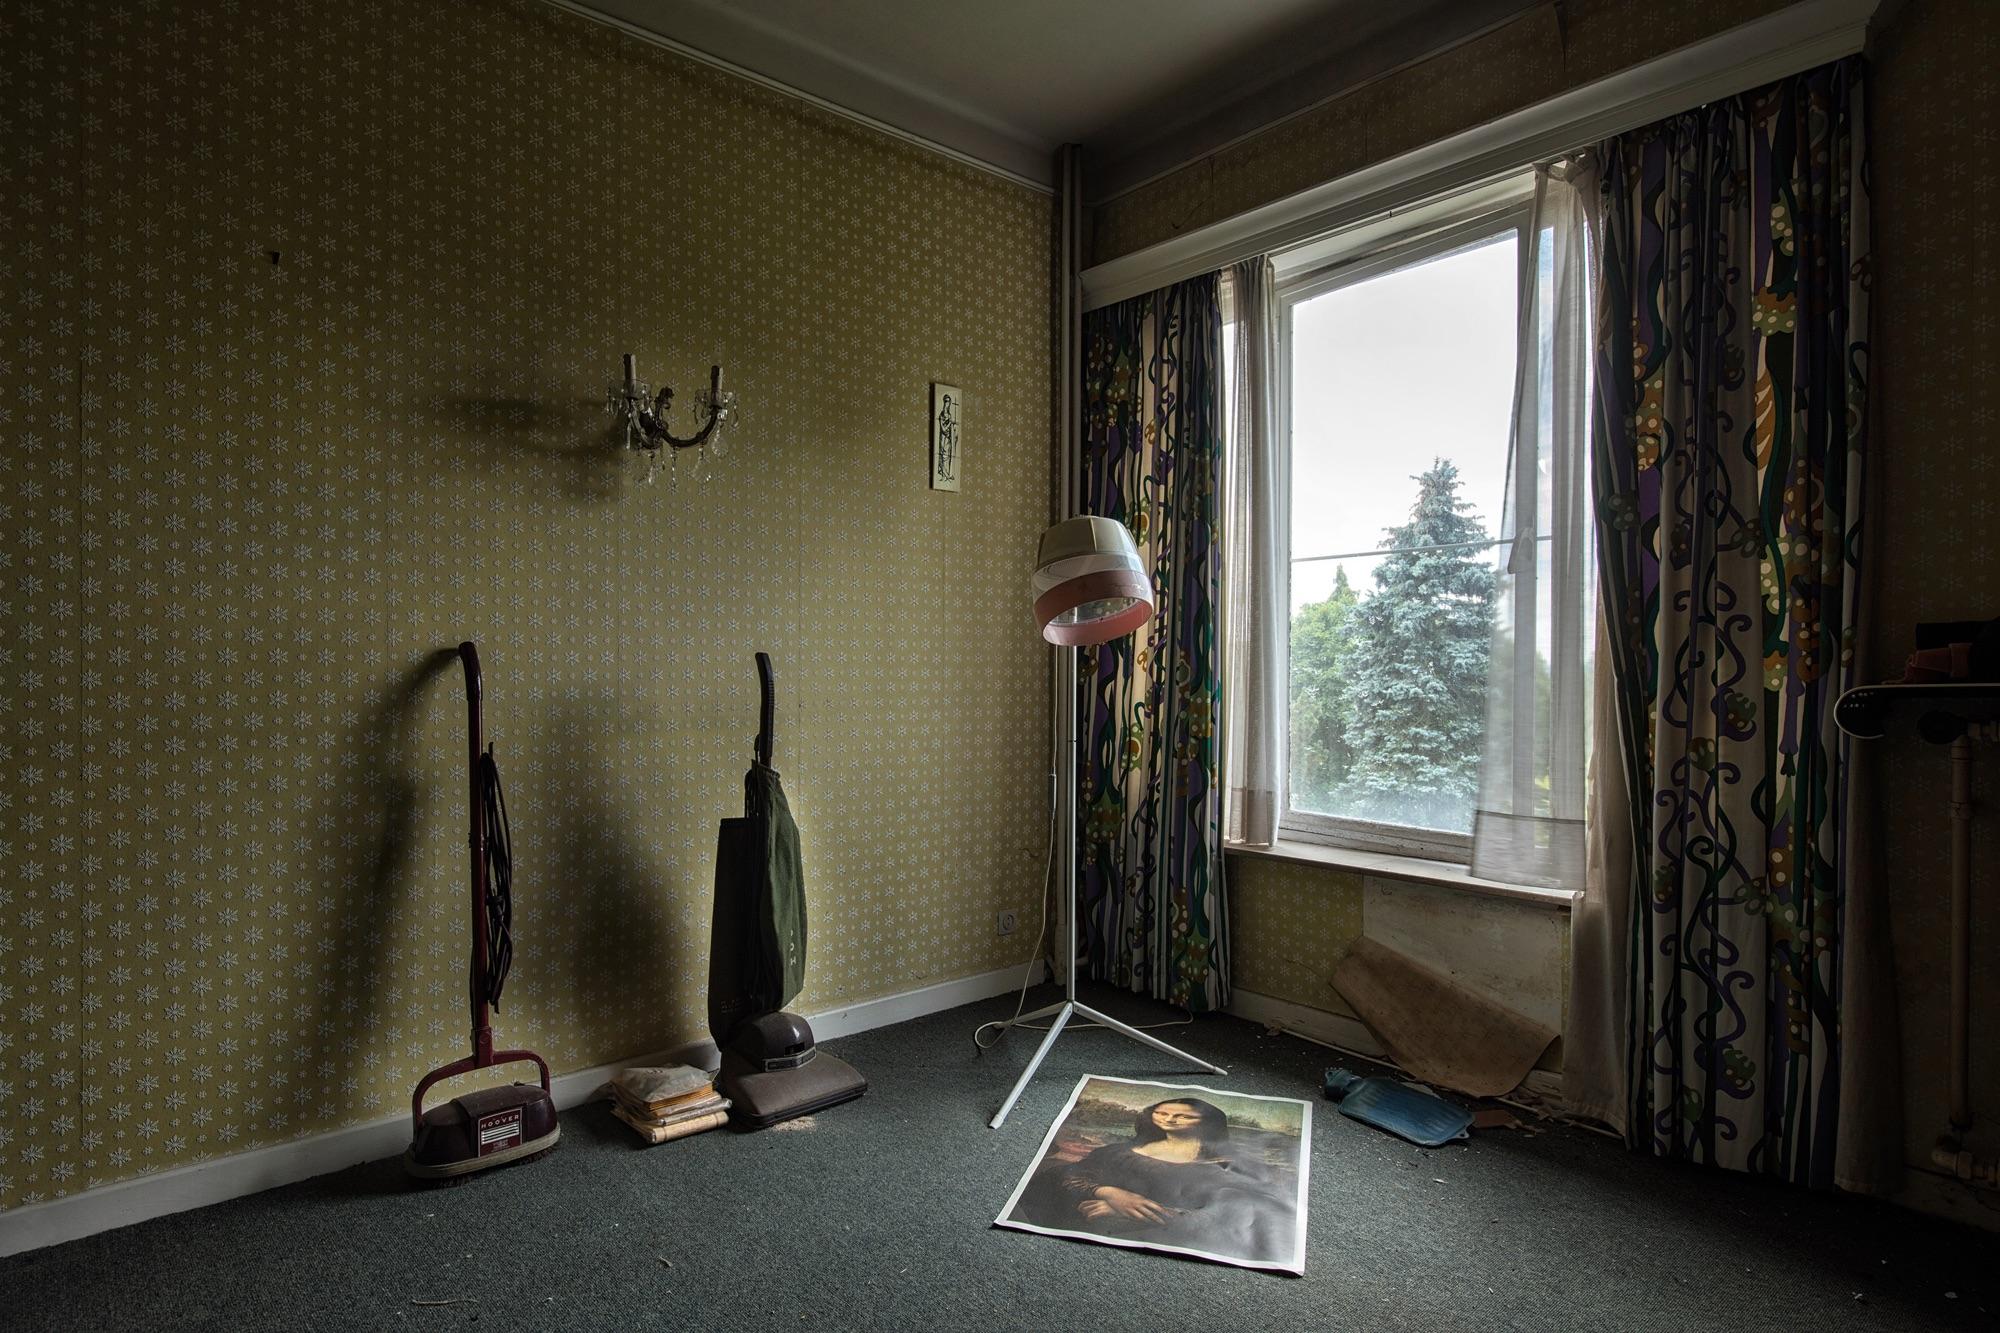 foto van een bruin getinte kamer met een raam en afgebladderd behang waarin een ouderwetse haardroogkap en op de grond een poster van de mona lisa en wat staande stofzuigers